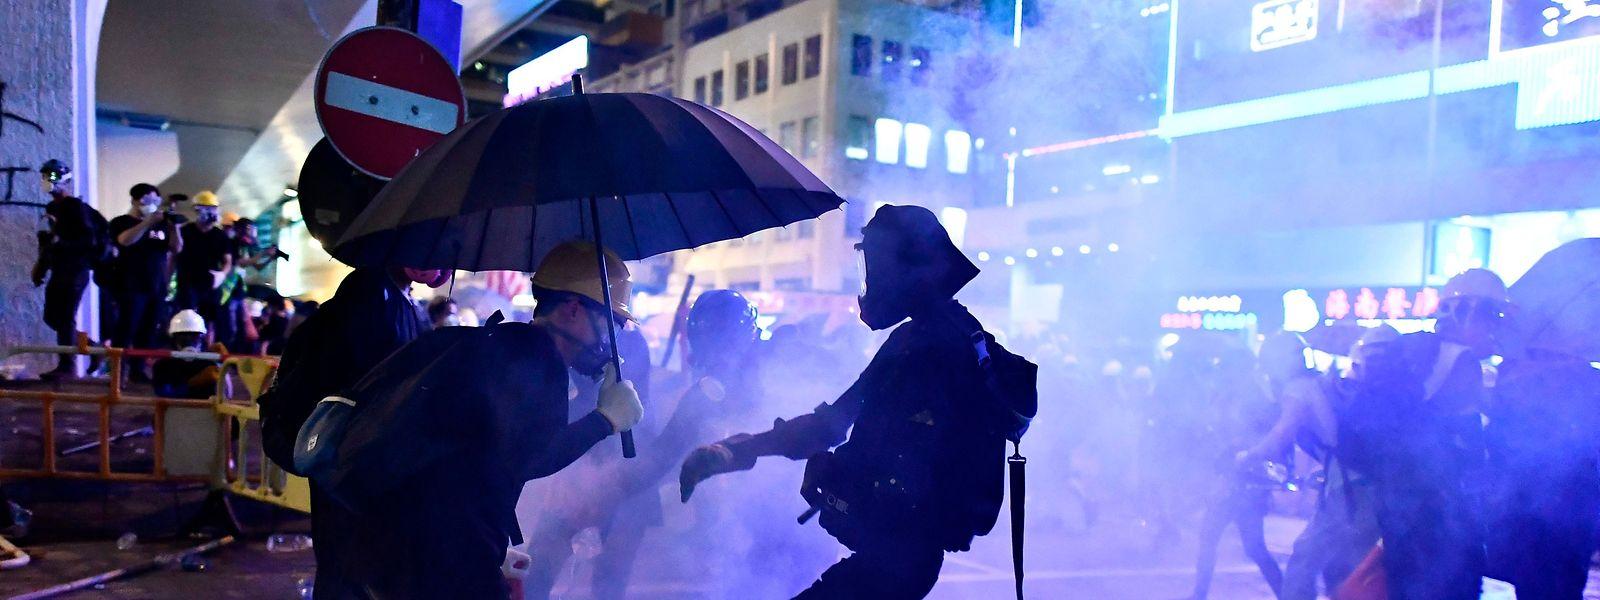 Am späten Abend kam es am Sonntag zu heftigen Zusammenstößen. Demonstranten hatten Barrikaden gebaut, die Polizei reagierte mit Tränengas und Gummigeschossen.